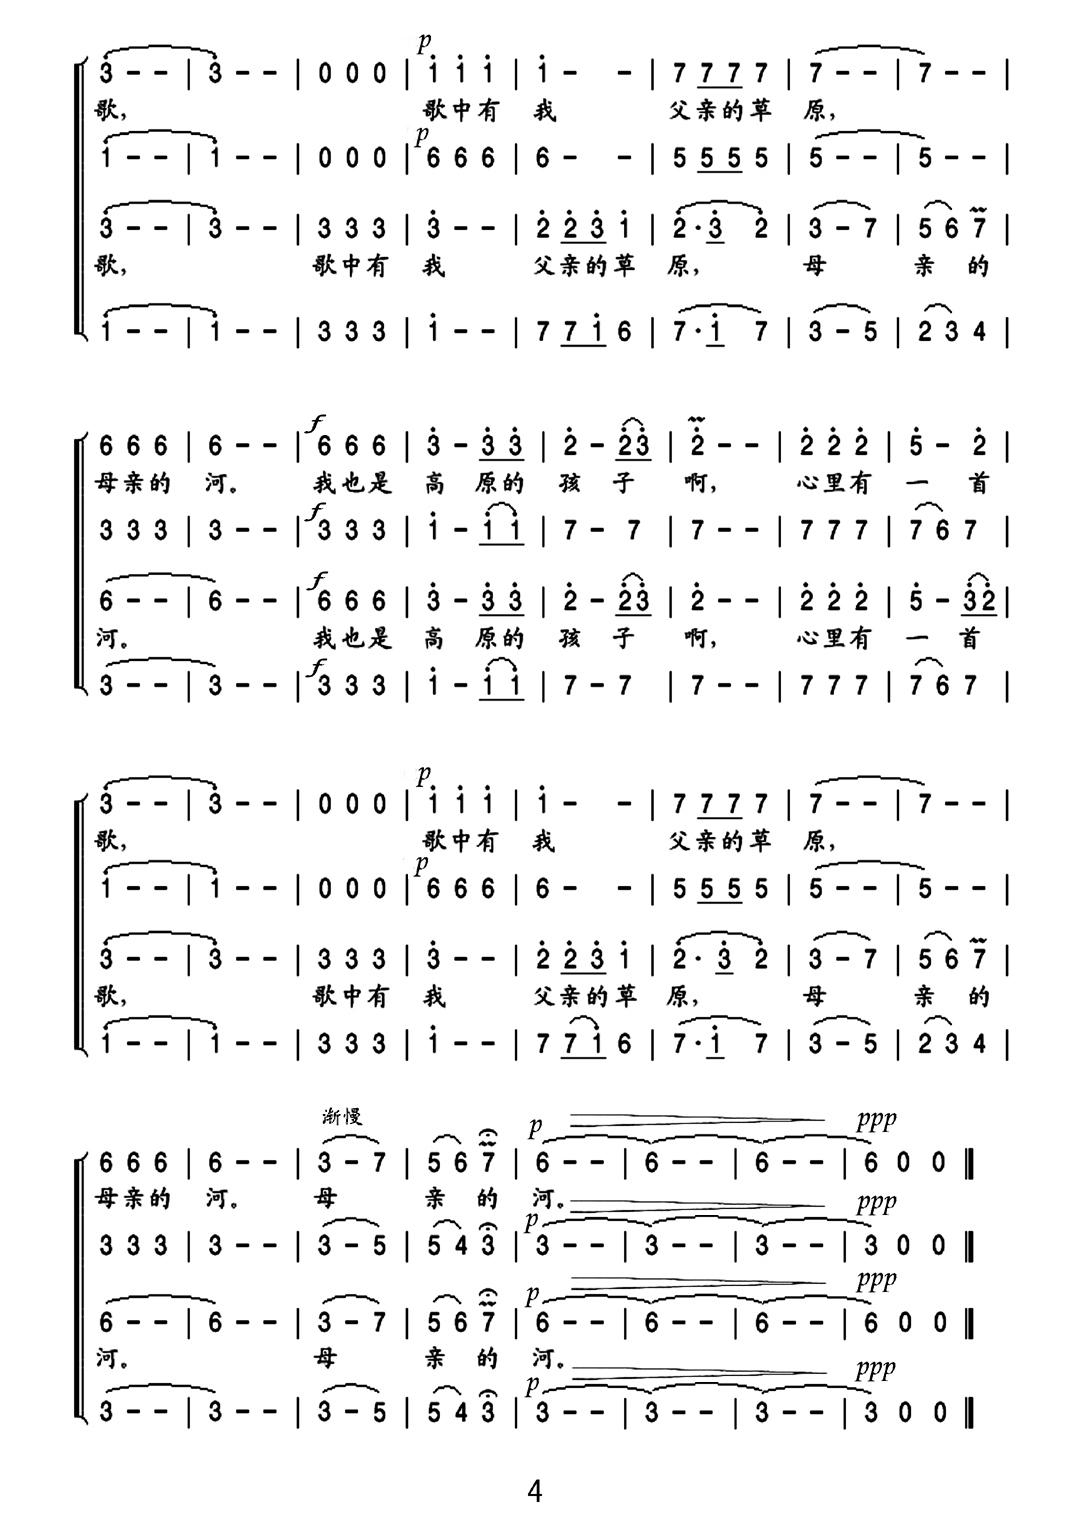 父亲的草原母亲的河(无伴奏混声合唱)修改版